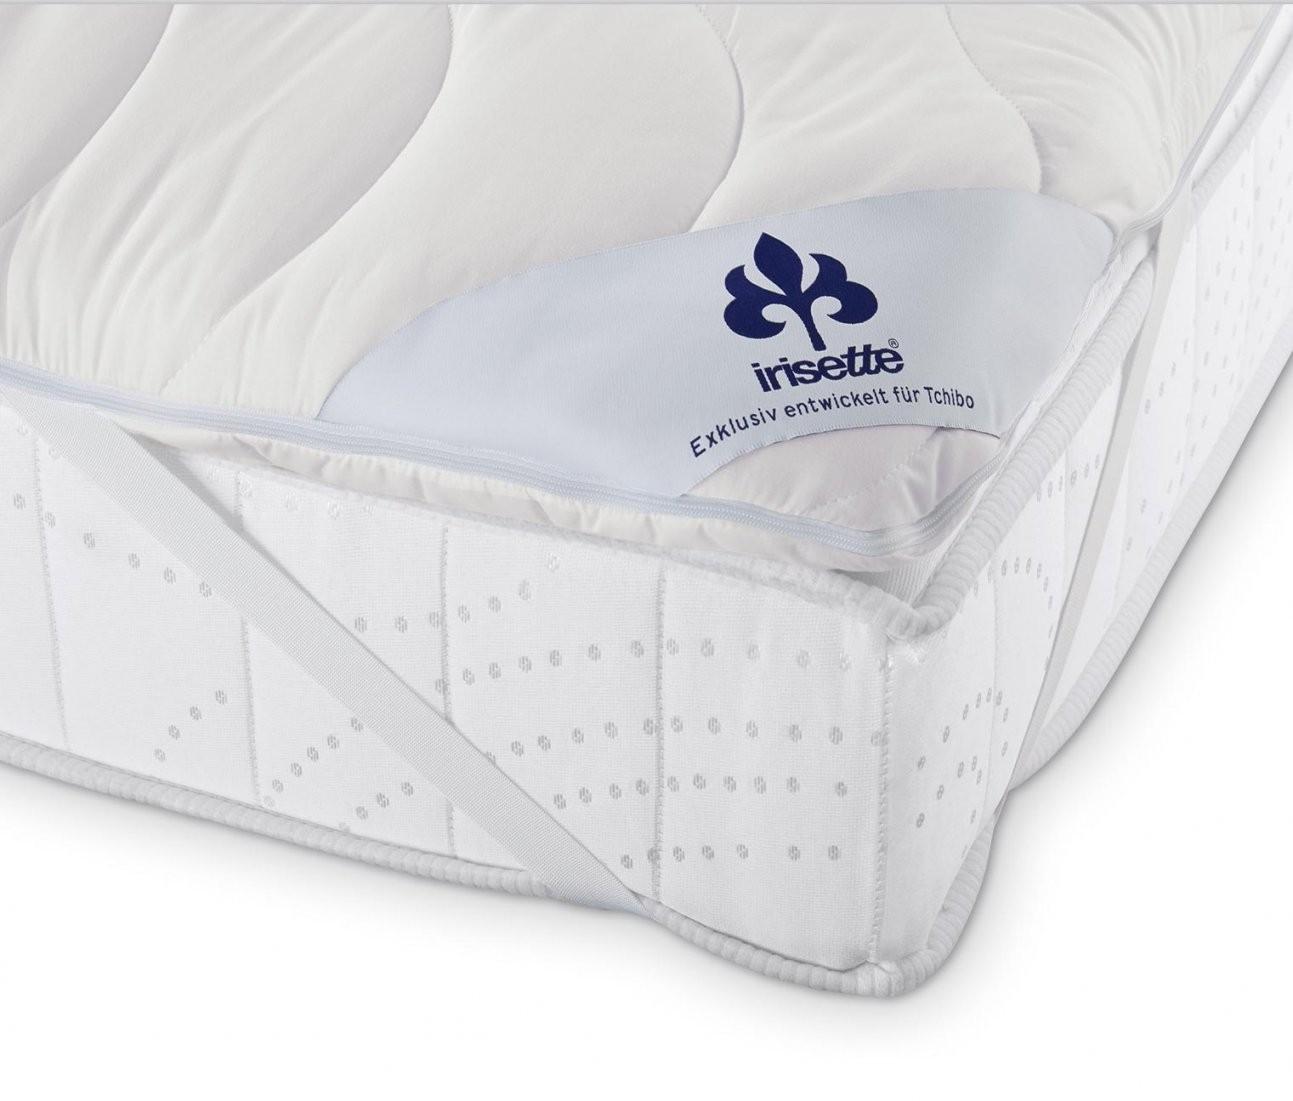 Matratzentopper Online Bestellen Bei Tchibo 342258 von Matratzen Topper Rückenschmerzen Bild